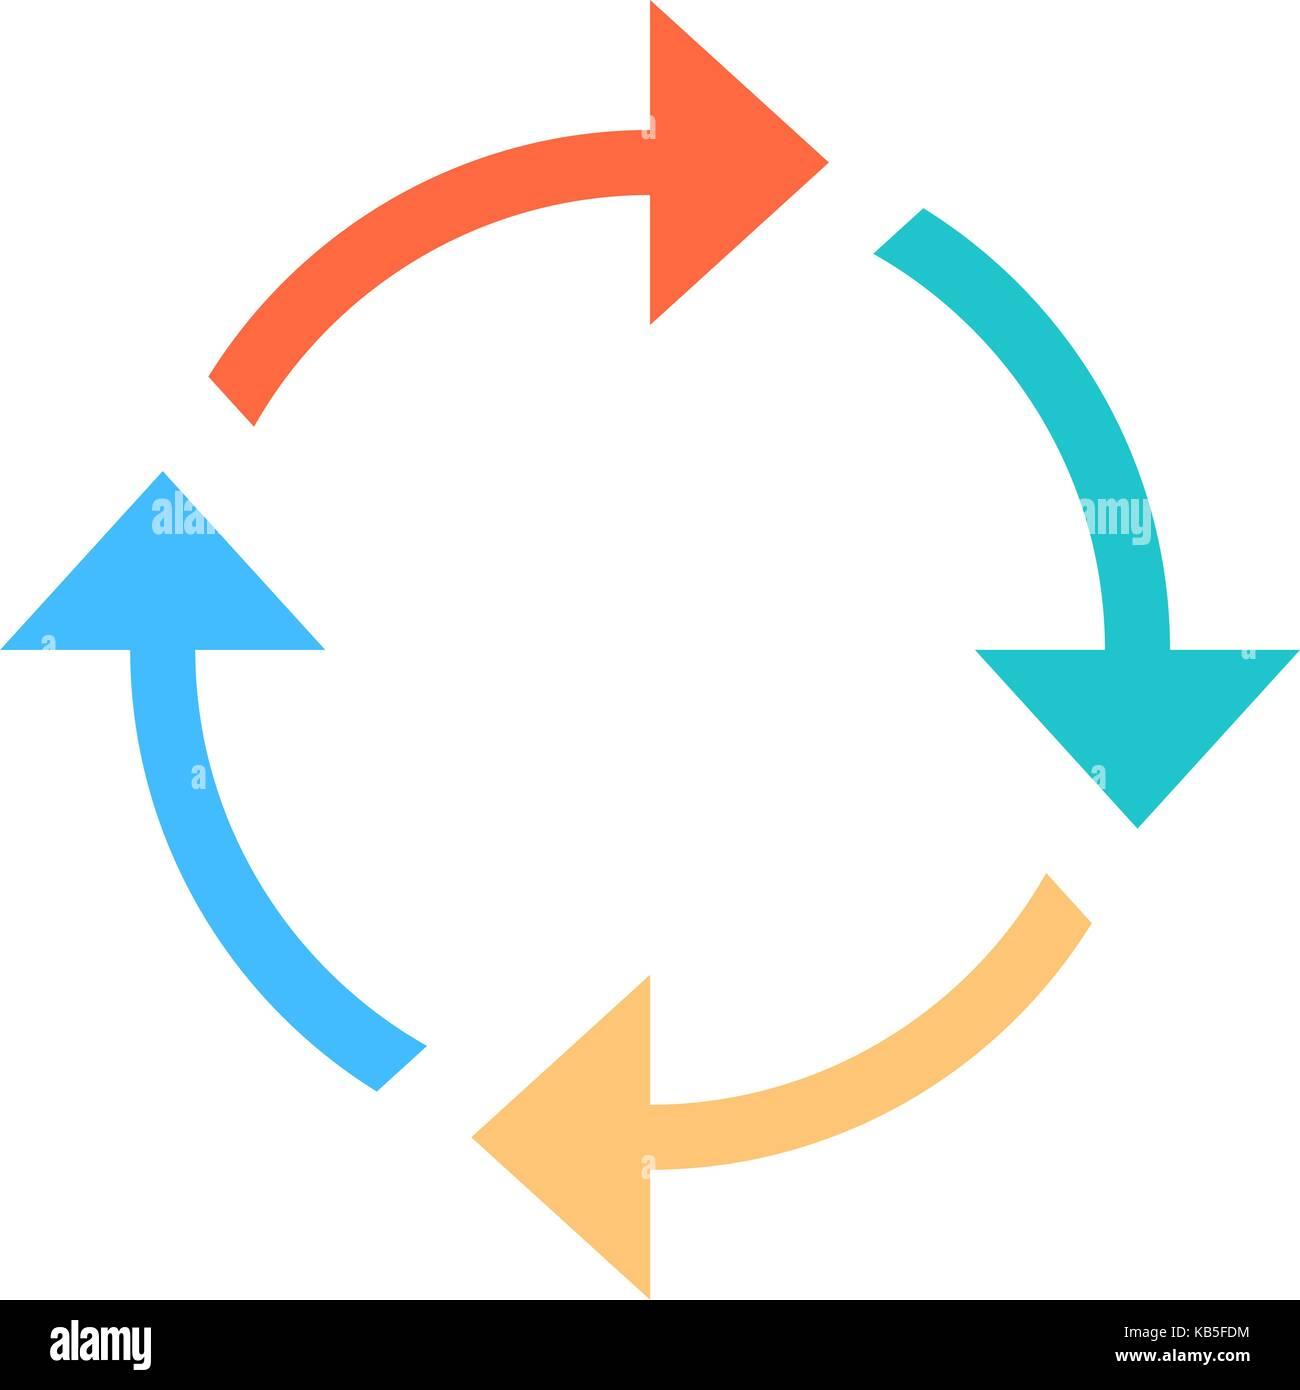 Farbige Pfeile, neu laden, aktualisieren, Rotation, Loop, Wiederholung, reset usw. Anzeichen im flachen Stil geschaffen. Stockbild